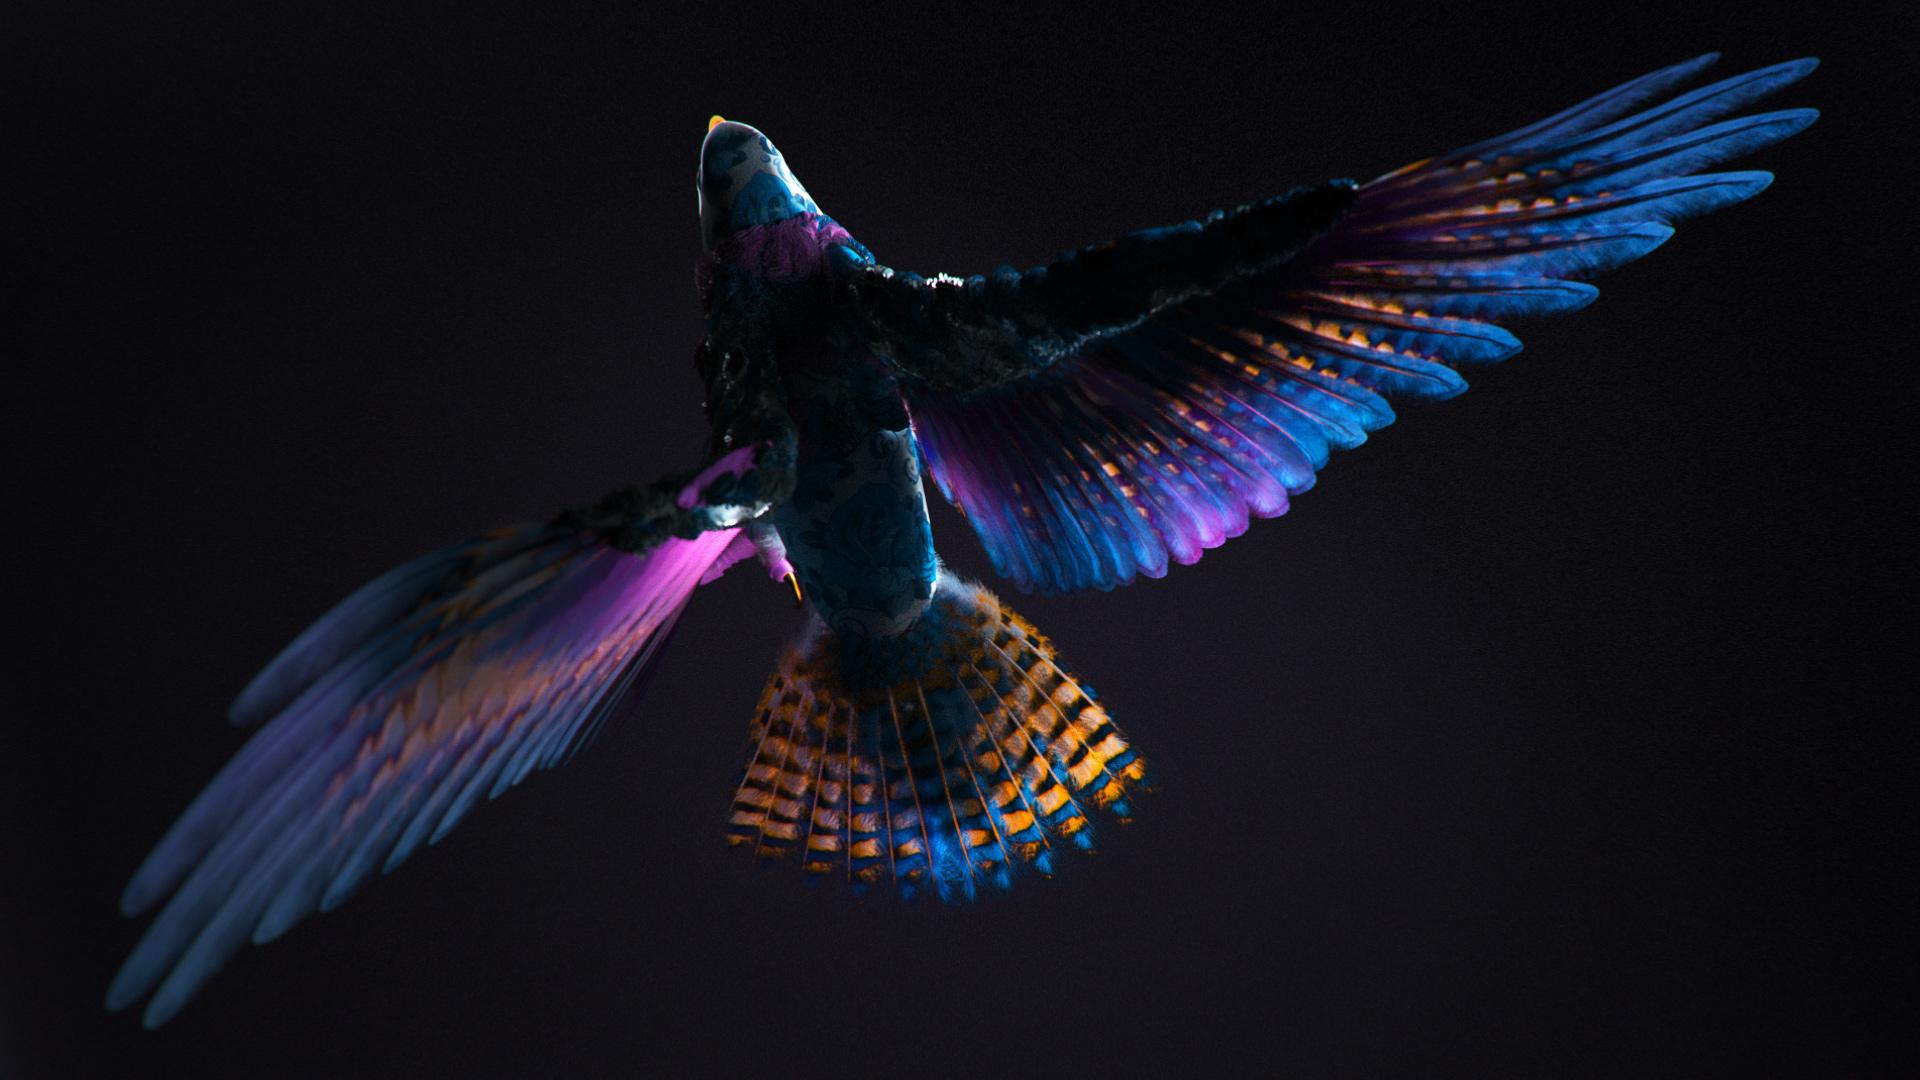 Цветастая птица cgi обои скачать